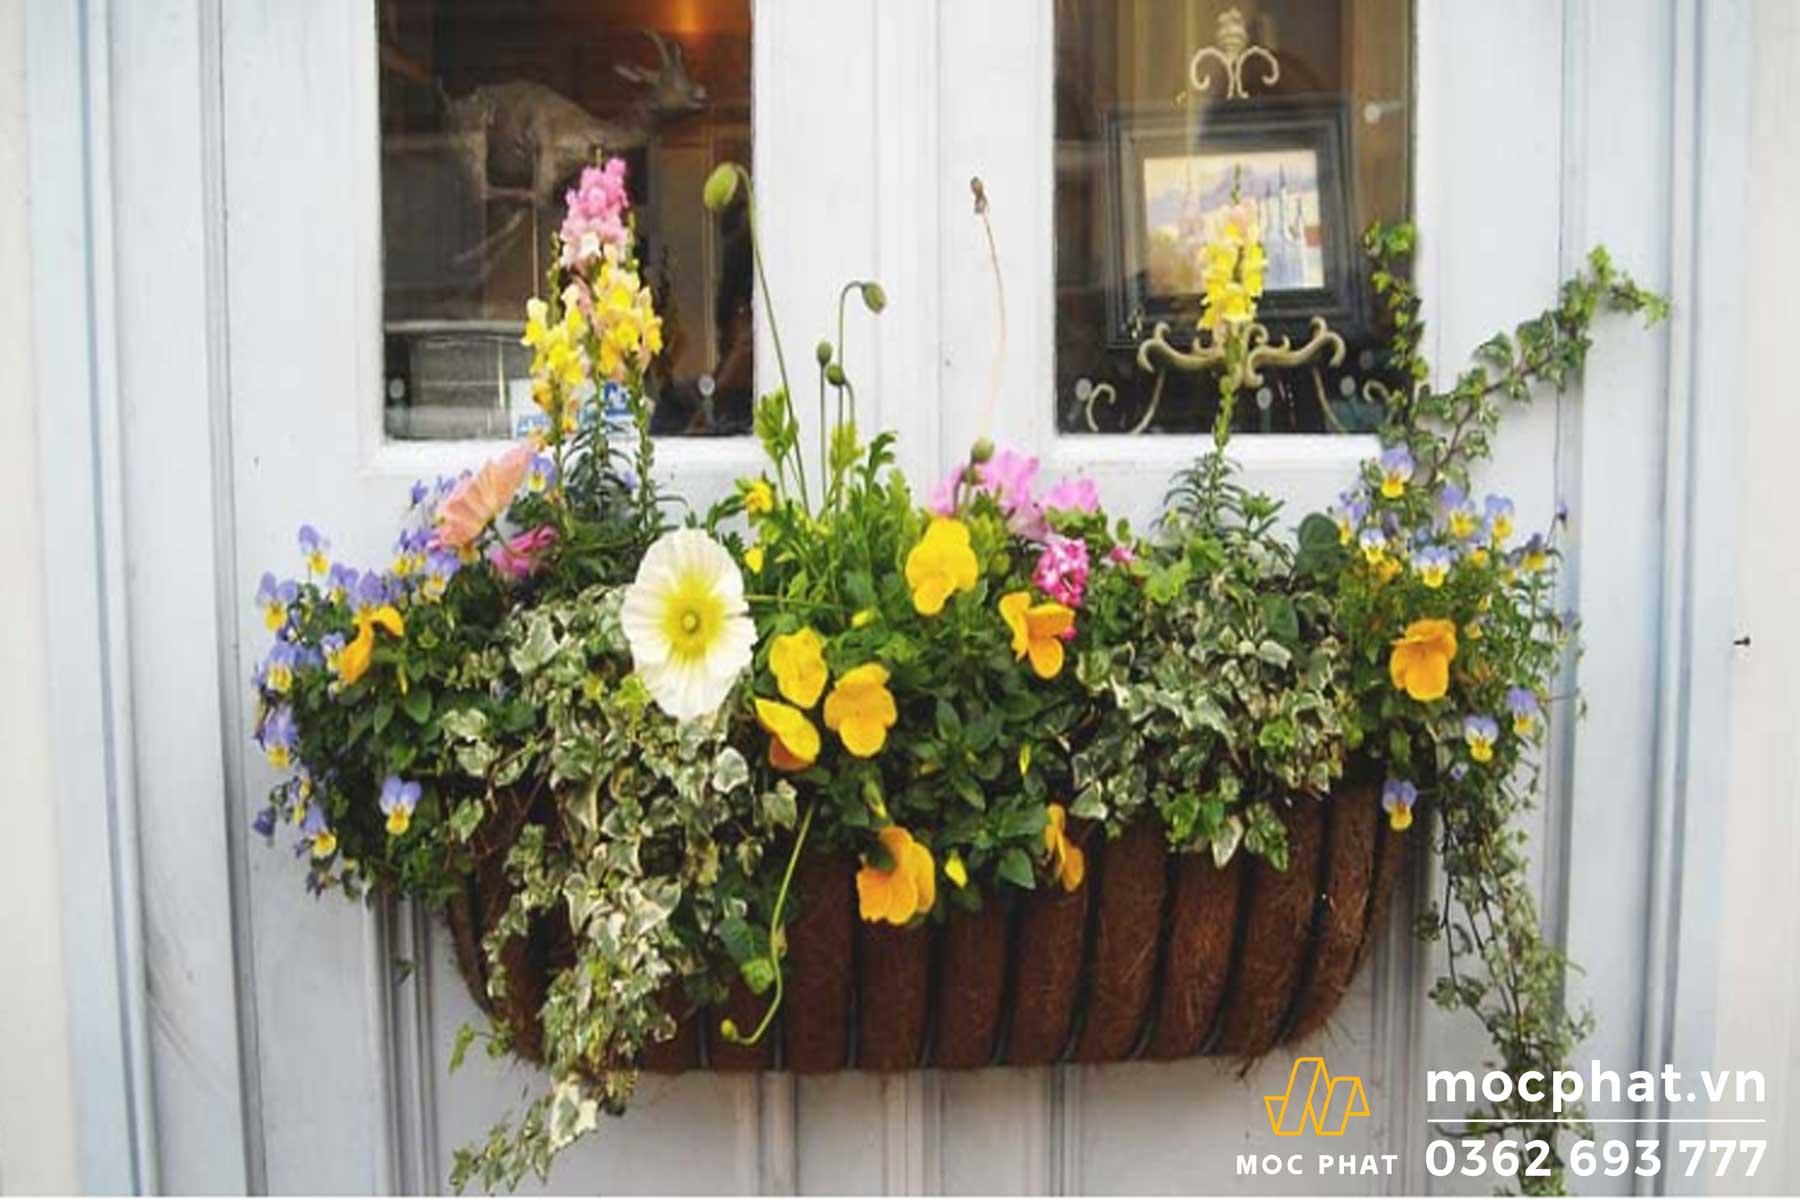 Lựa chọn những loại hoa phù hợp với ánh sáng mặt trời nơi bạn ở